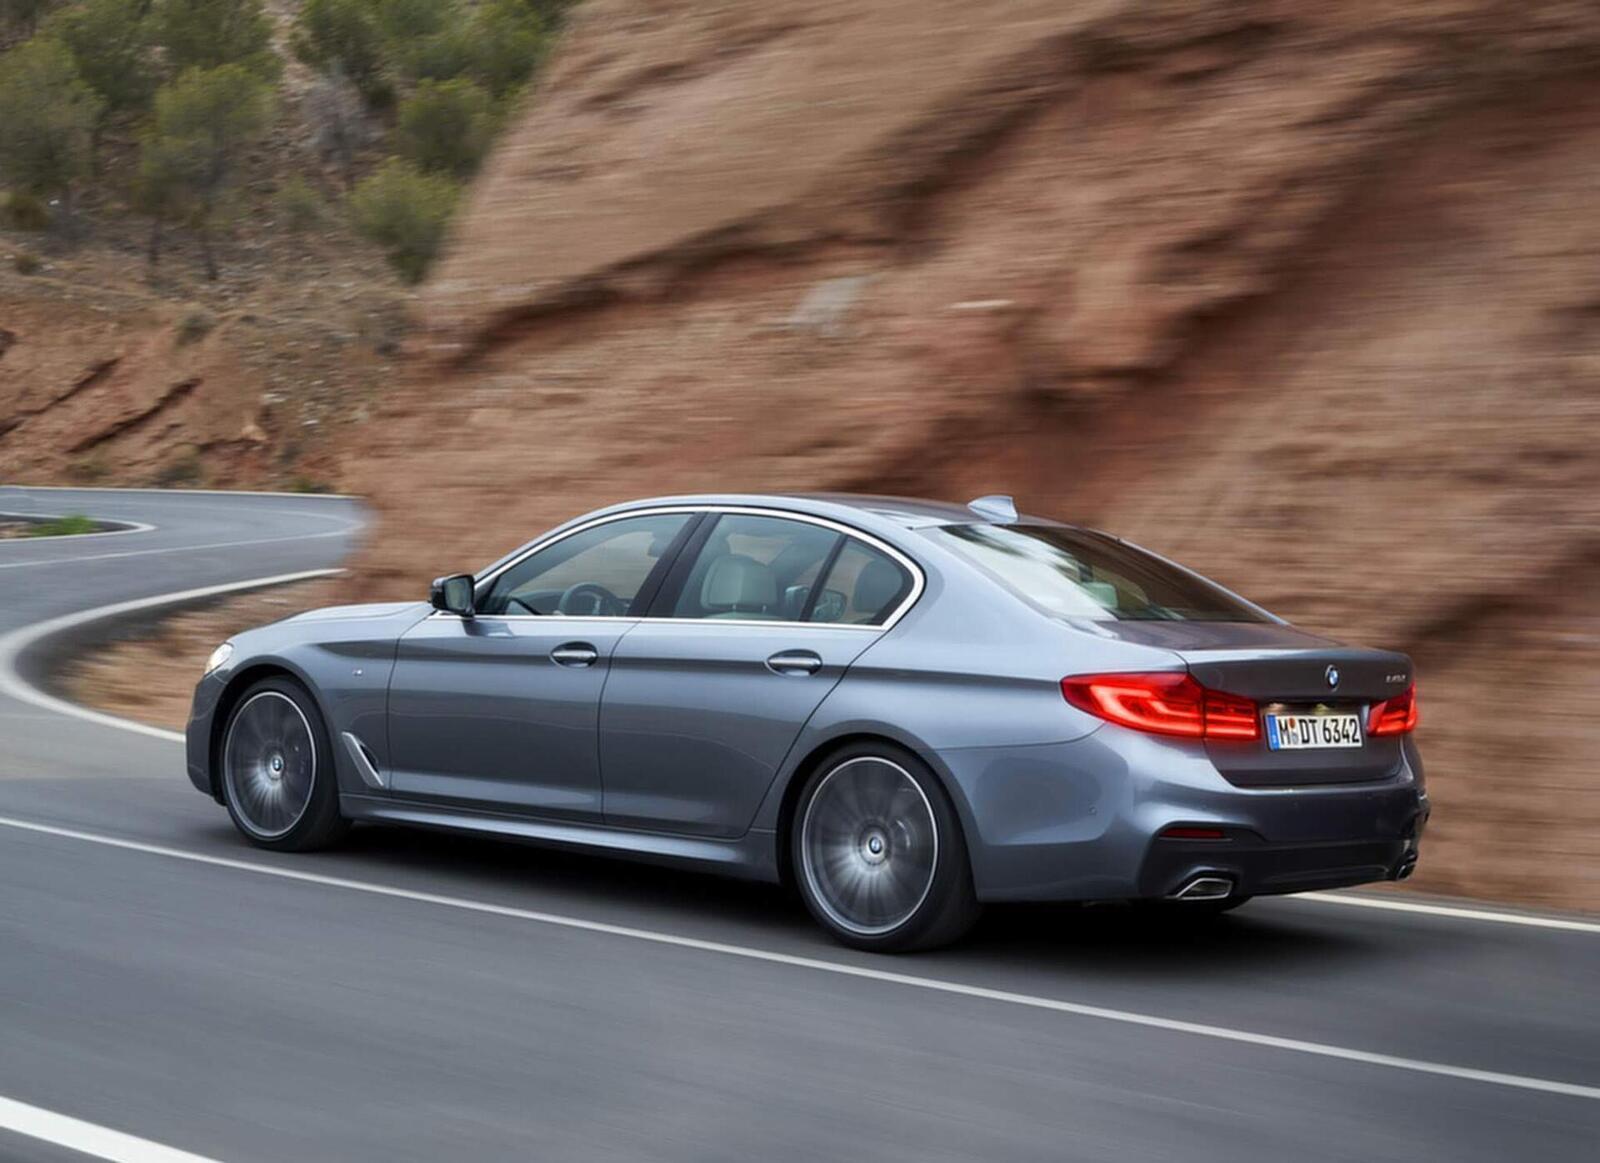 BMW 5 Series thế hệ hoàn toàn mới xuất hiện tại Hà Nội - Hình 7